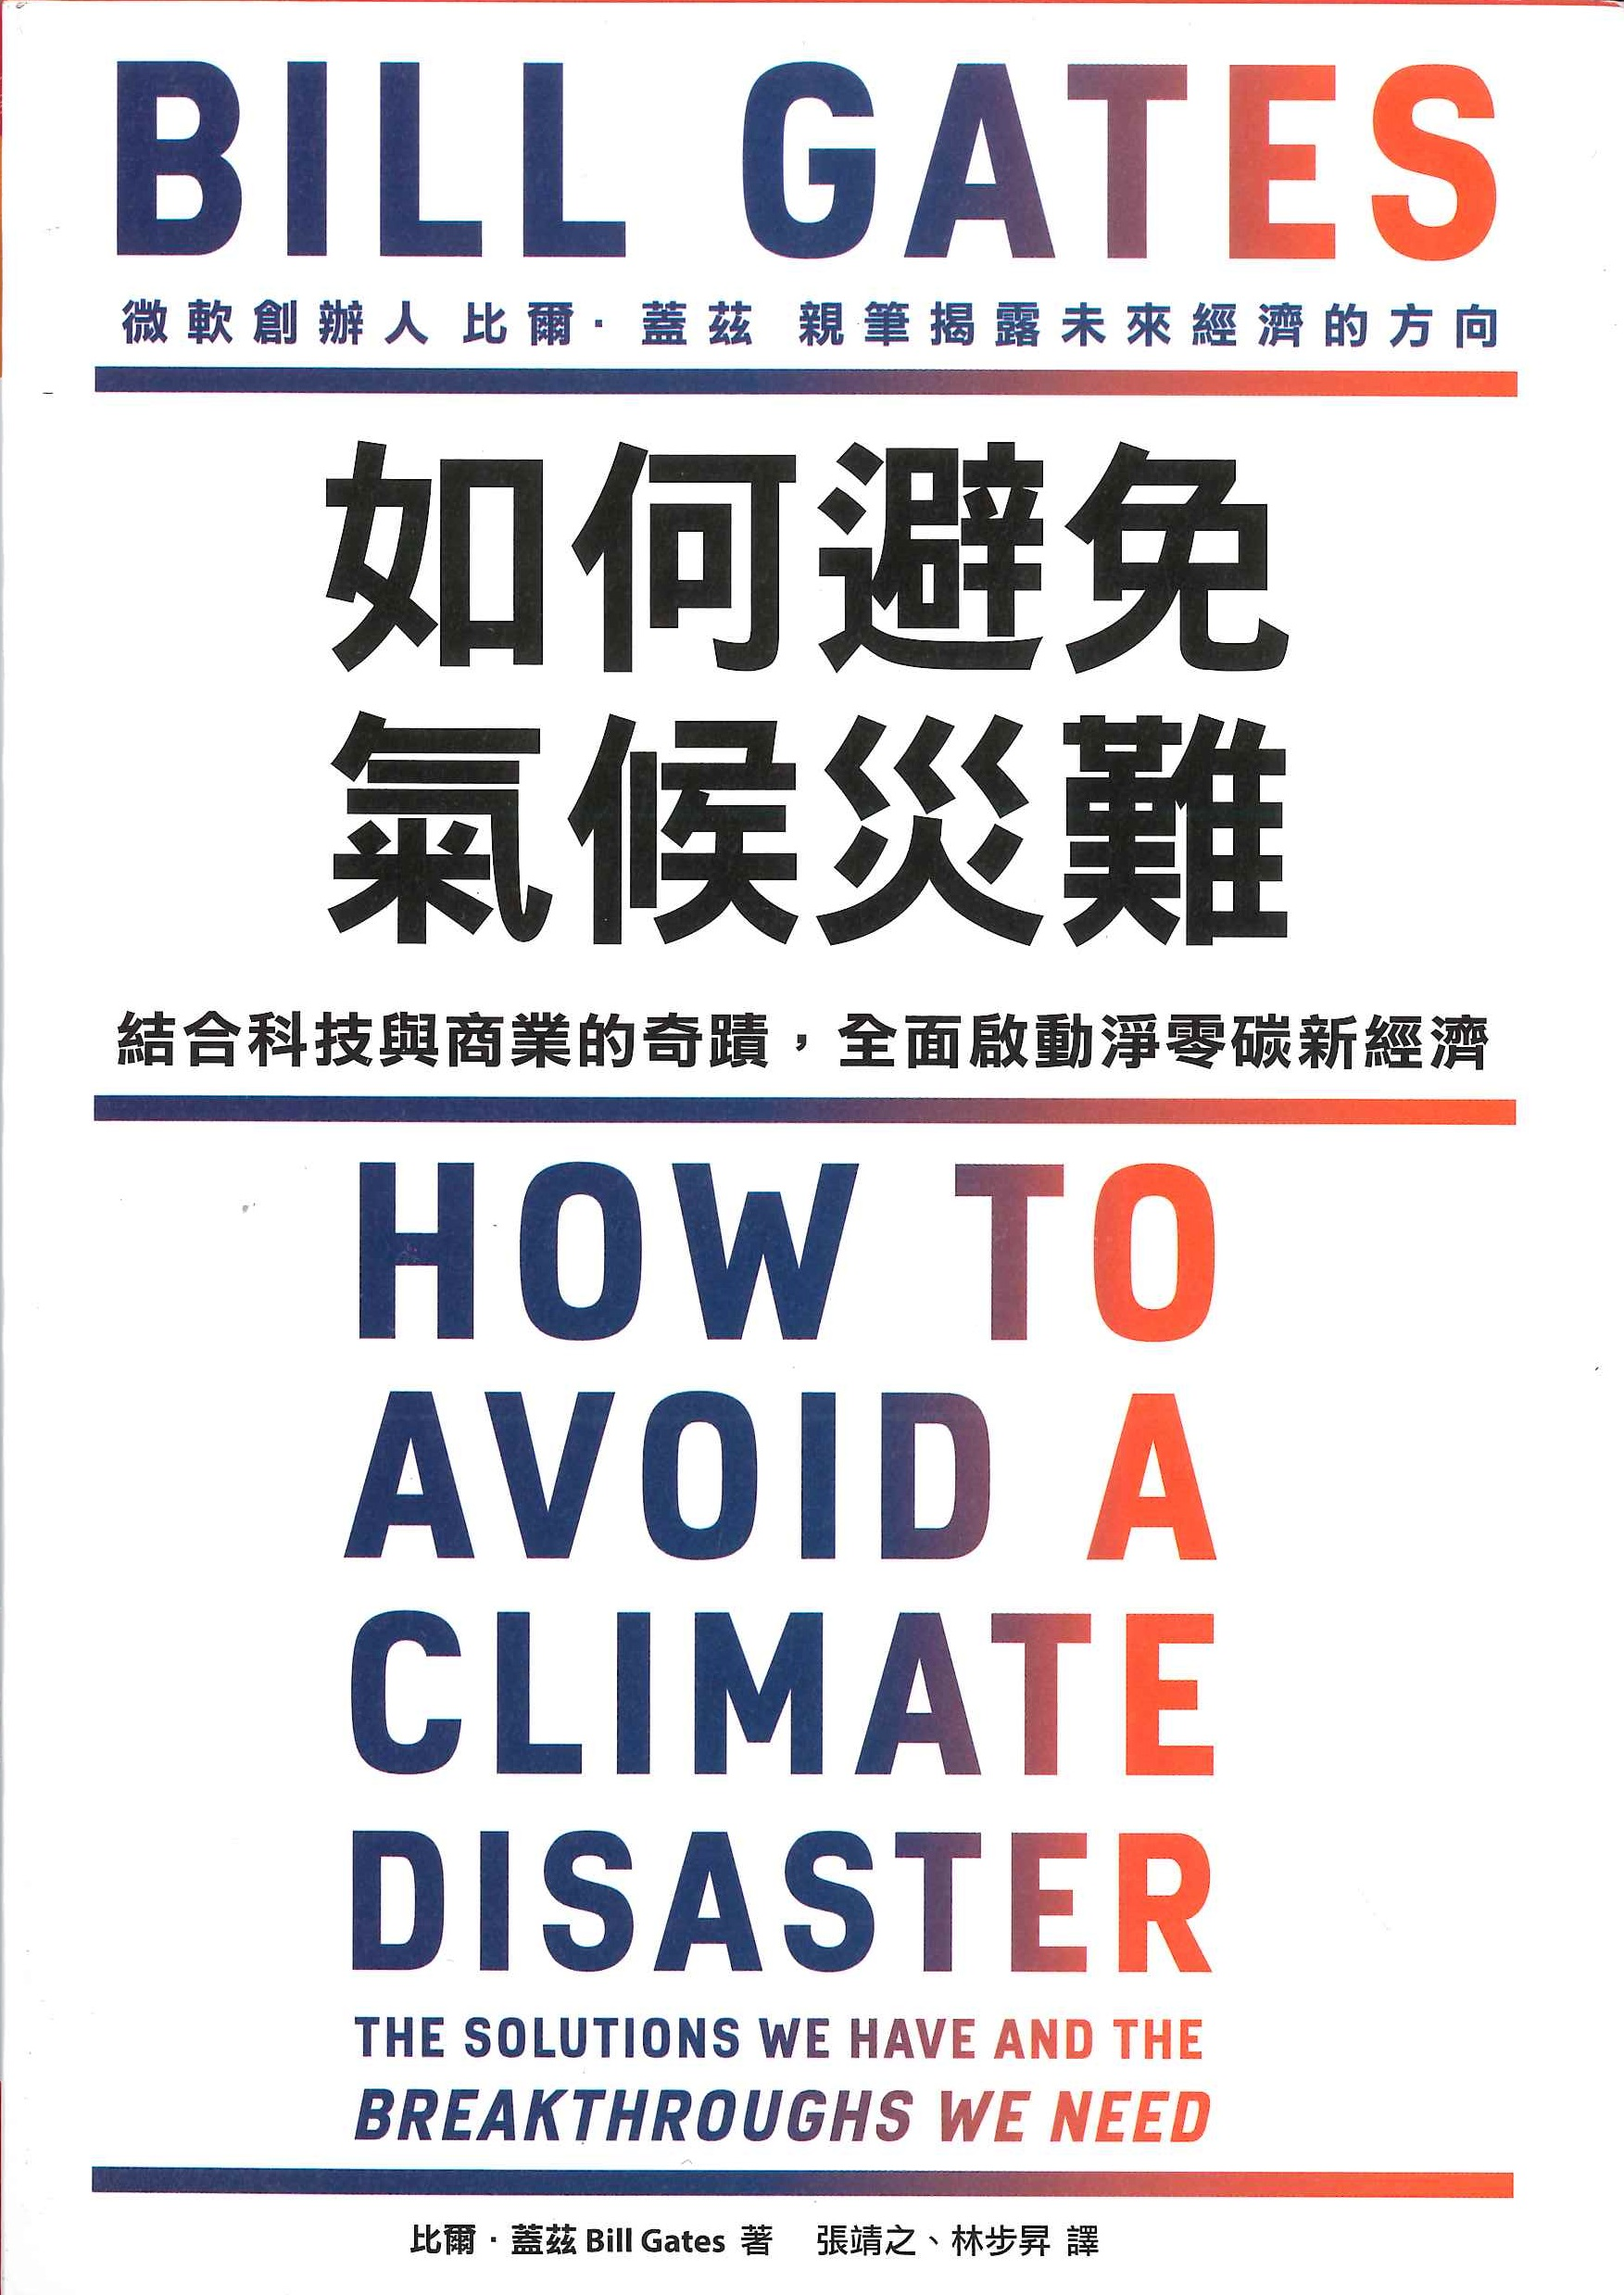 如何避免氣候災難:結合科技與商業的奇蹟, 全面啟動淨零碳新經濟